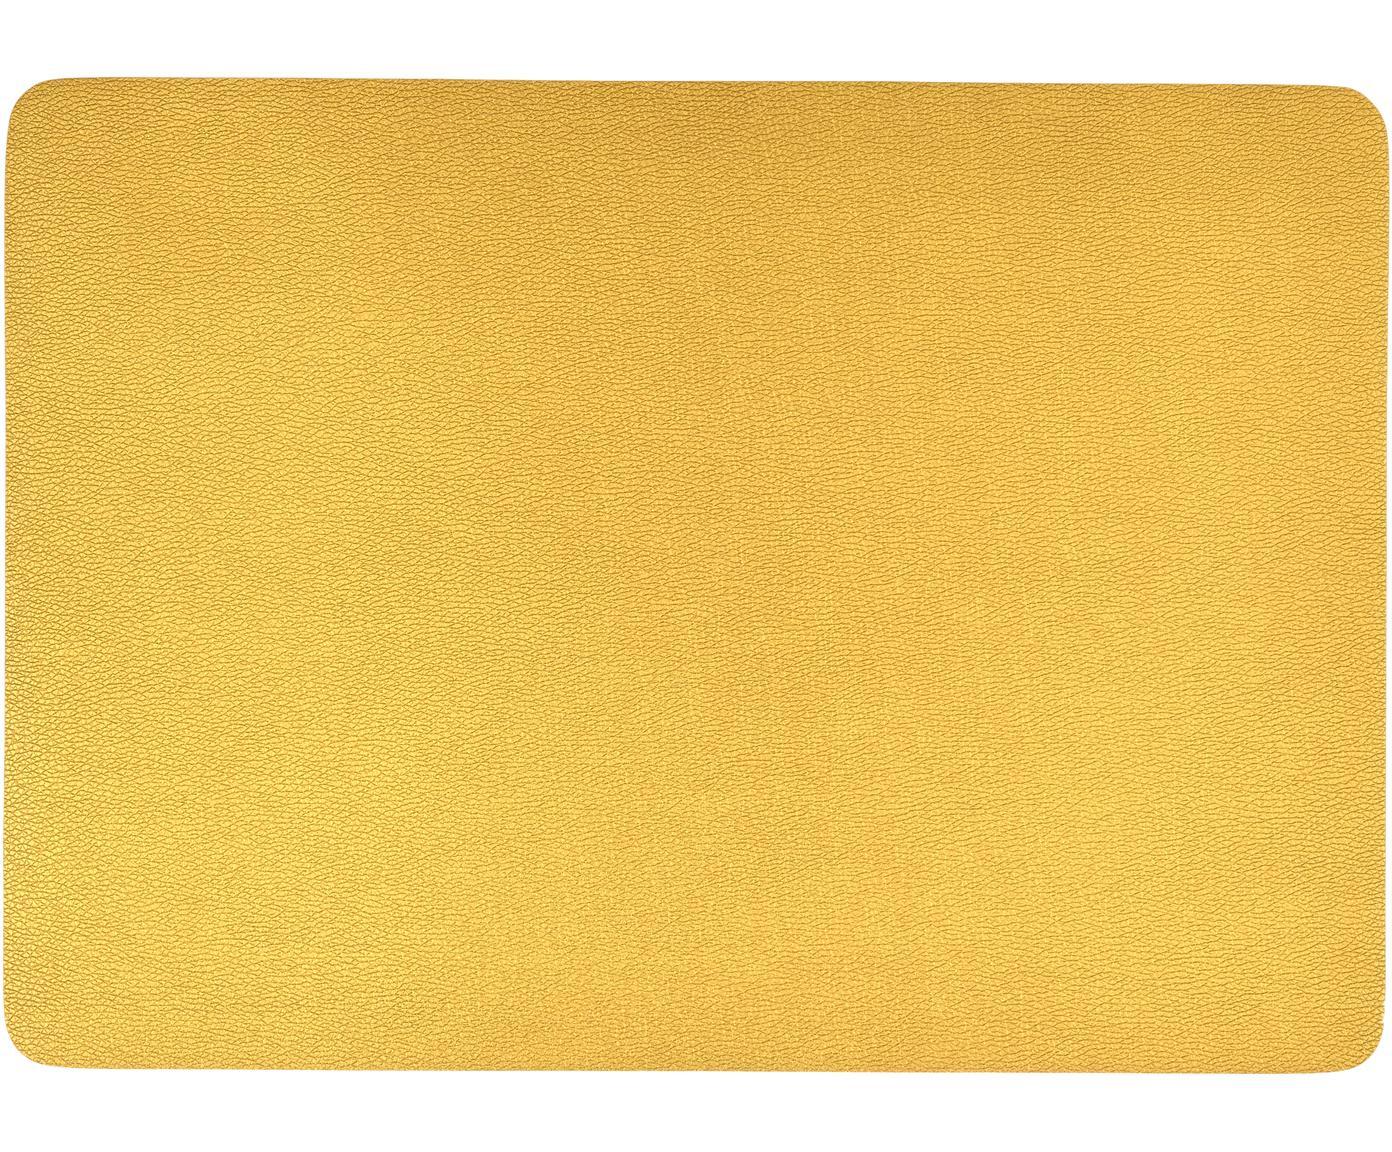 Kunststoffen placemats Pik van kunstleer, 2 stuks, Kunststof (PVC) van kunstleer, Goudkleurig, 33 x 46 cm